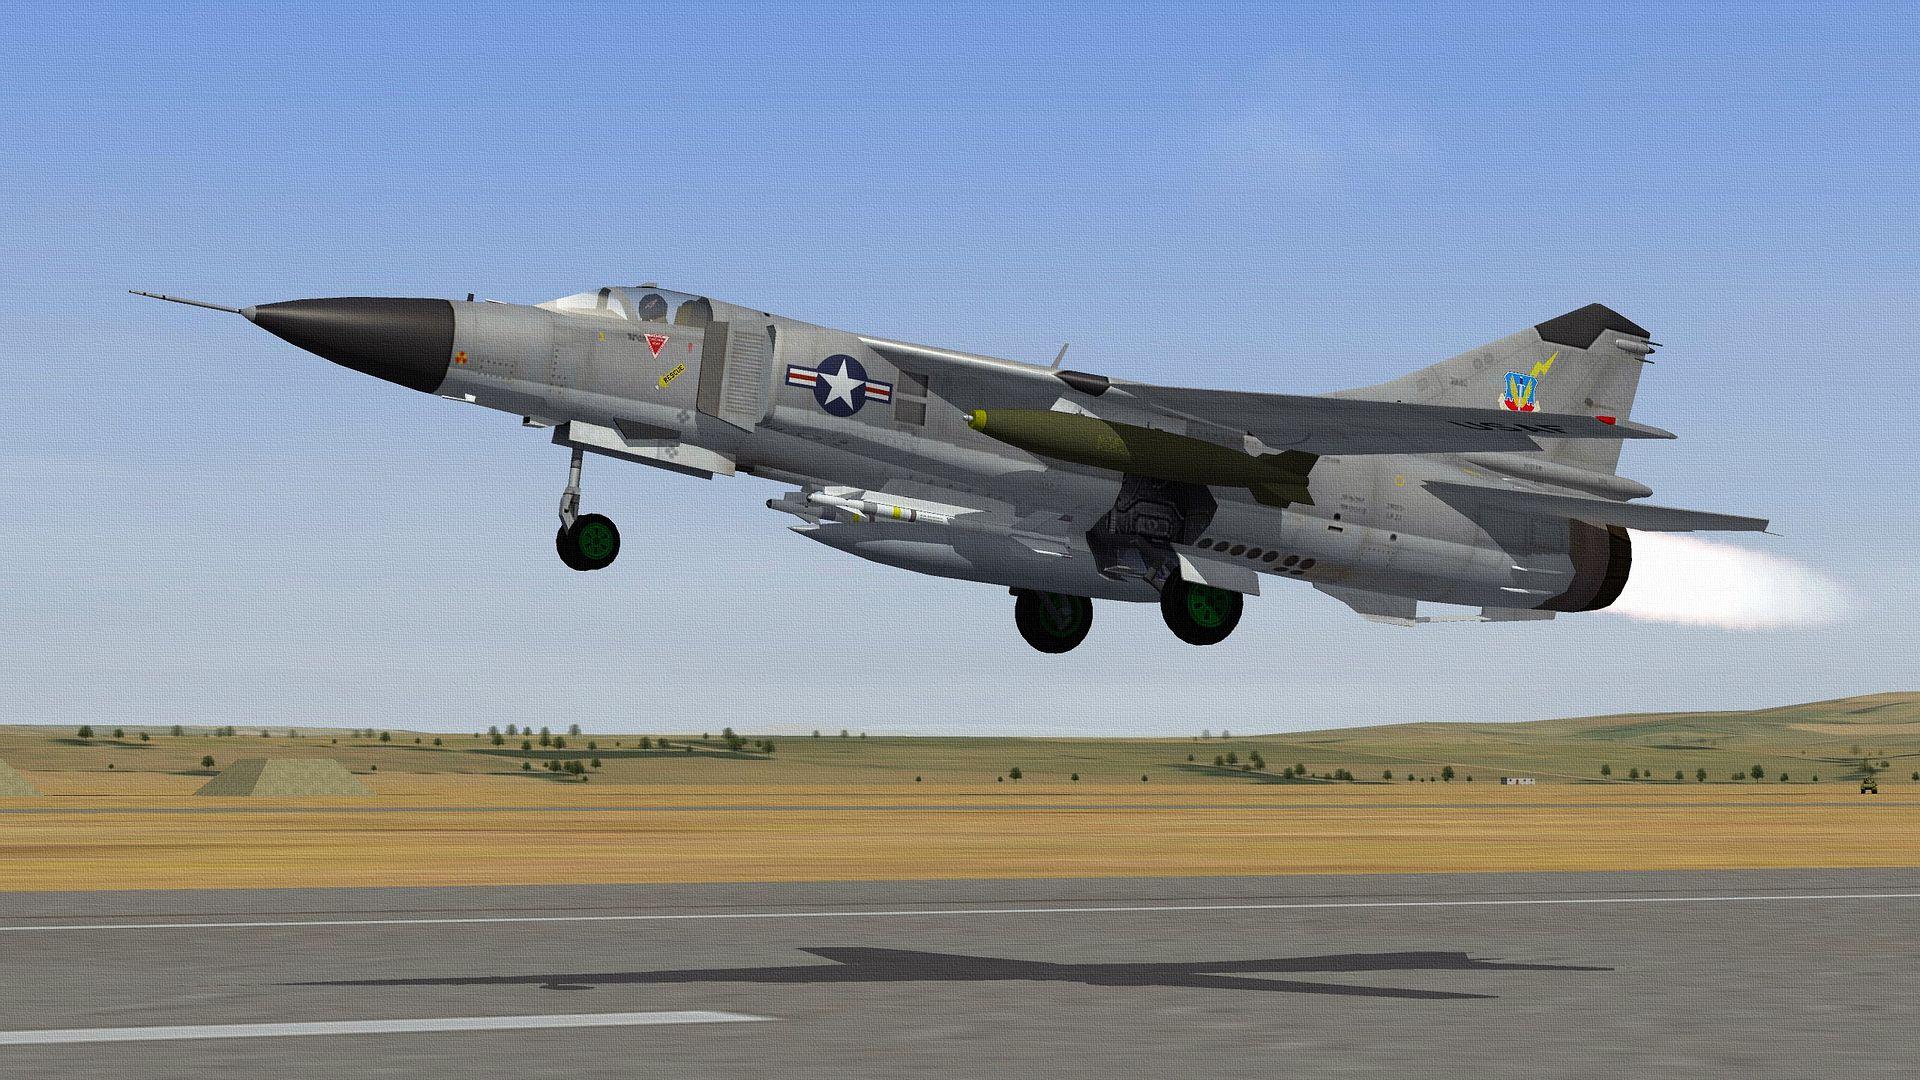 USAF%20F-7B%20THUNDERSTORM.01_zpsc0mvlbb